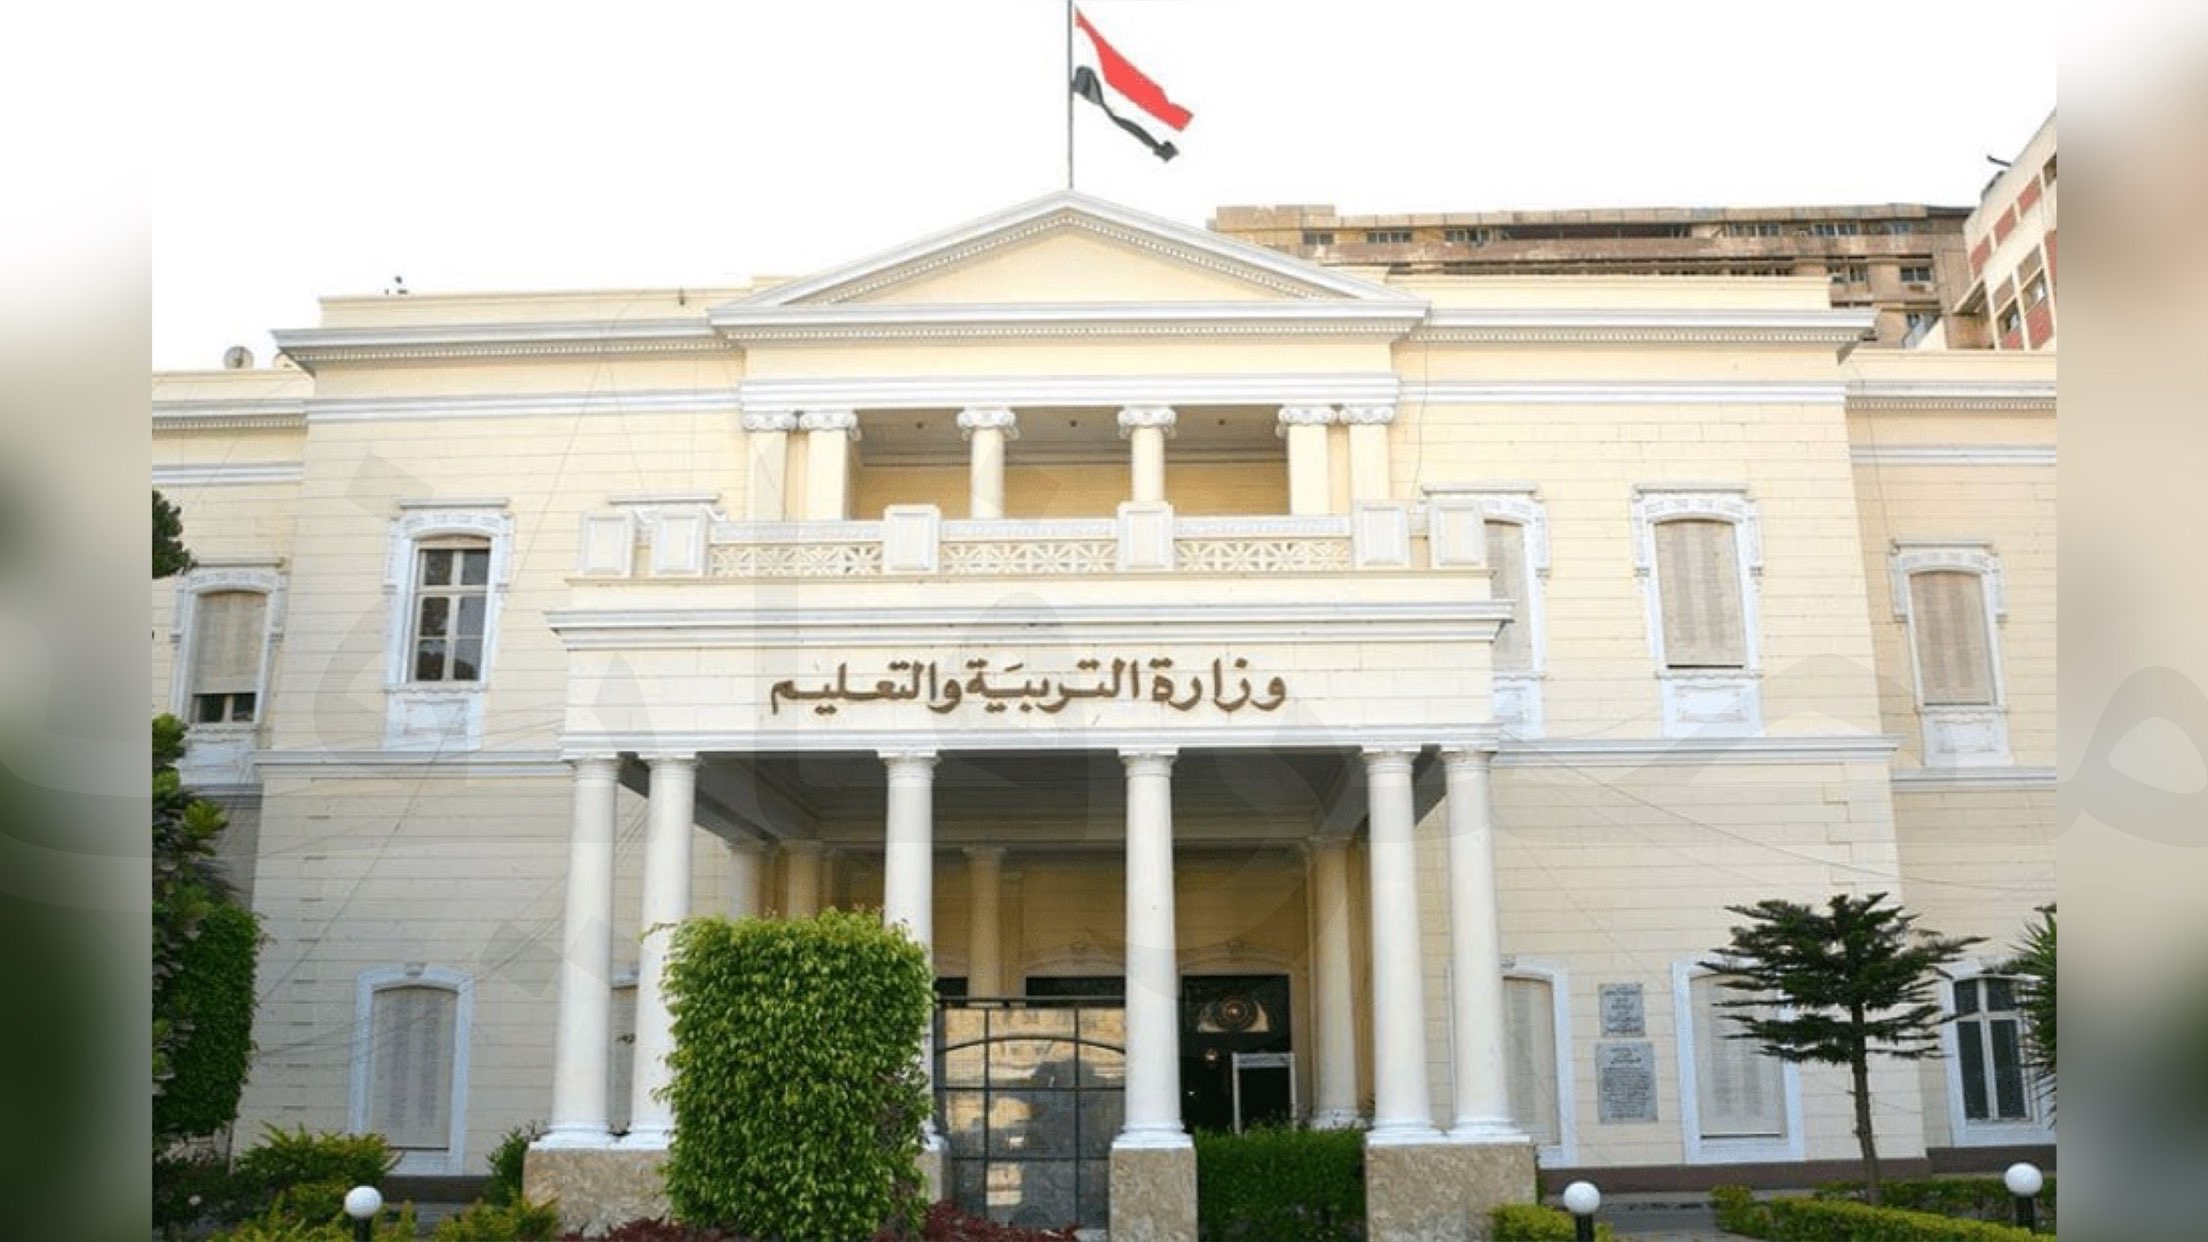 رابط نتيجة الدبلومات الفنية 2021 الدور الثاني في مصر